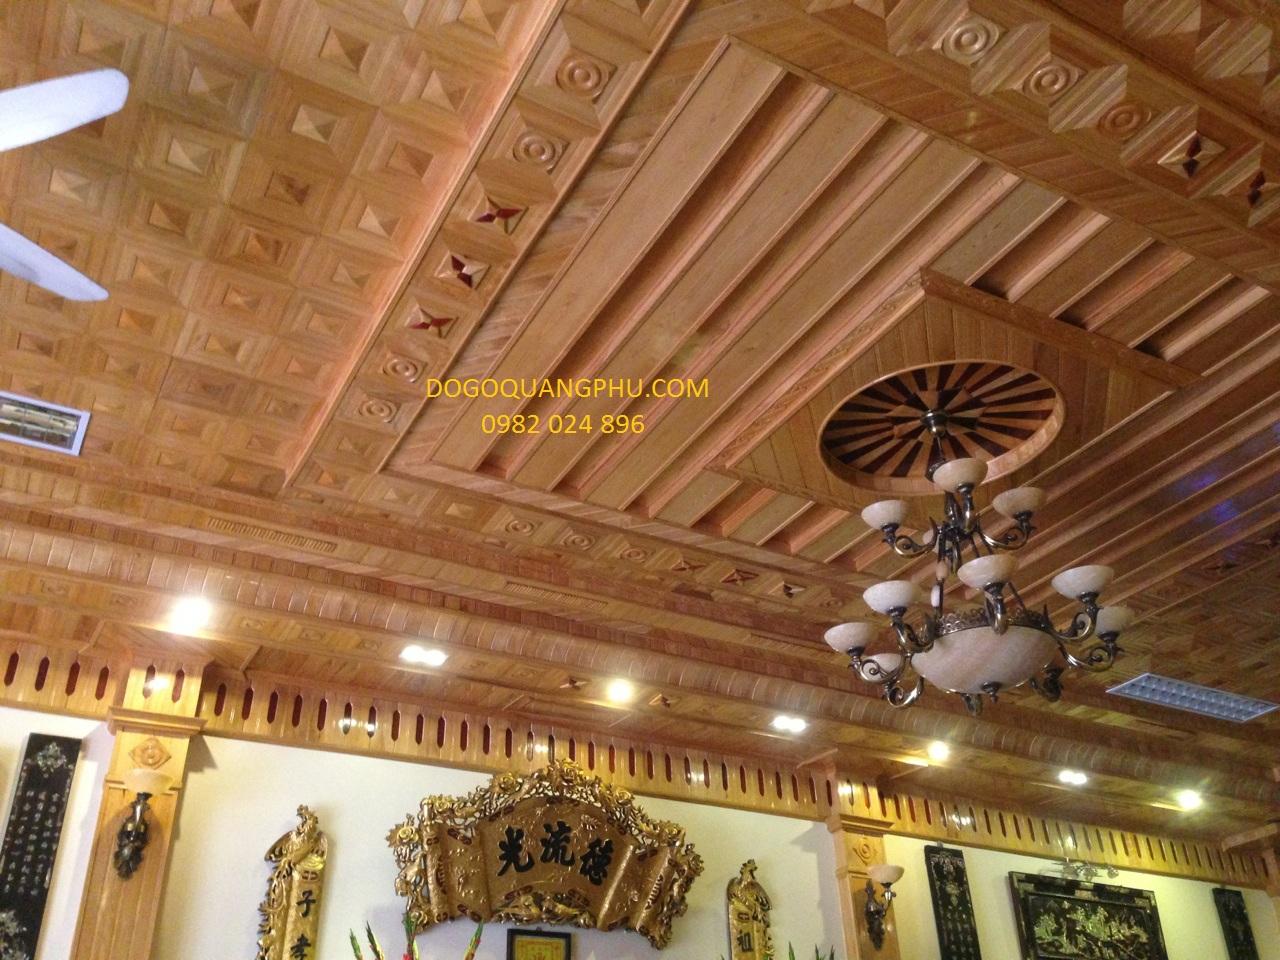 mẫu trần gỗ đơn giản tại công ty TNHH đồ gỗ Quang Phú